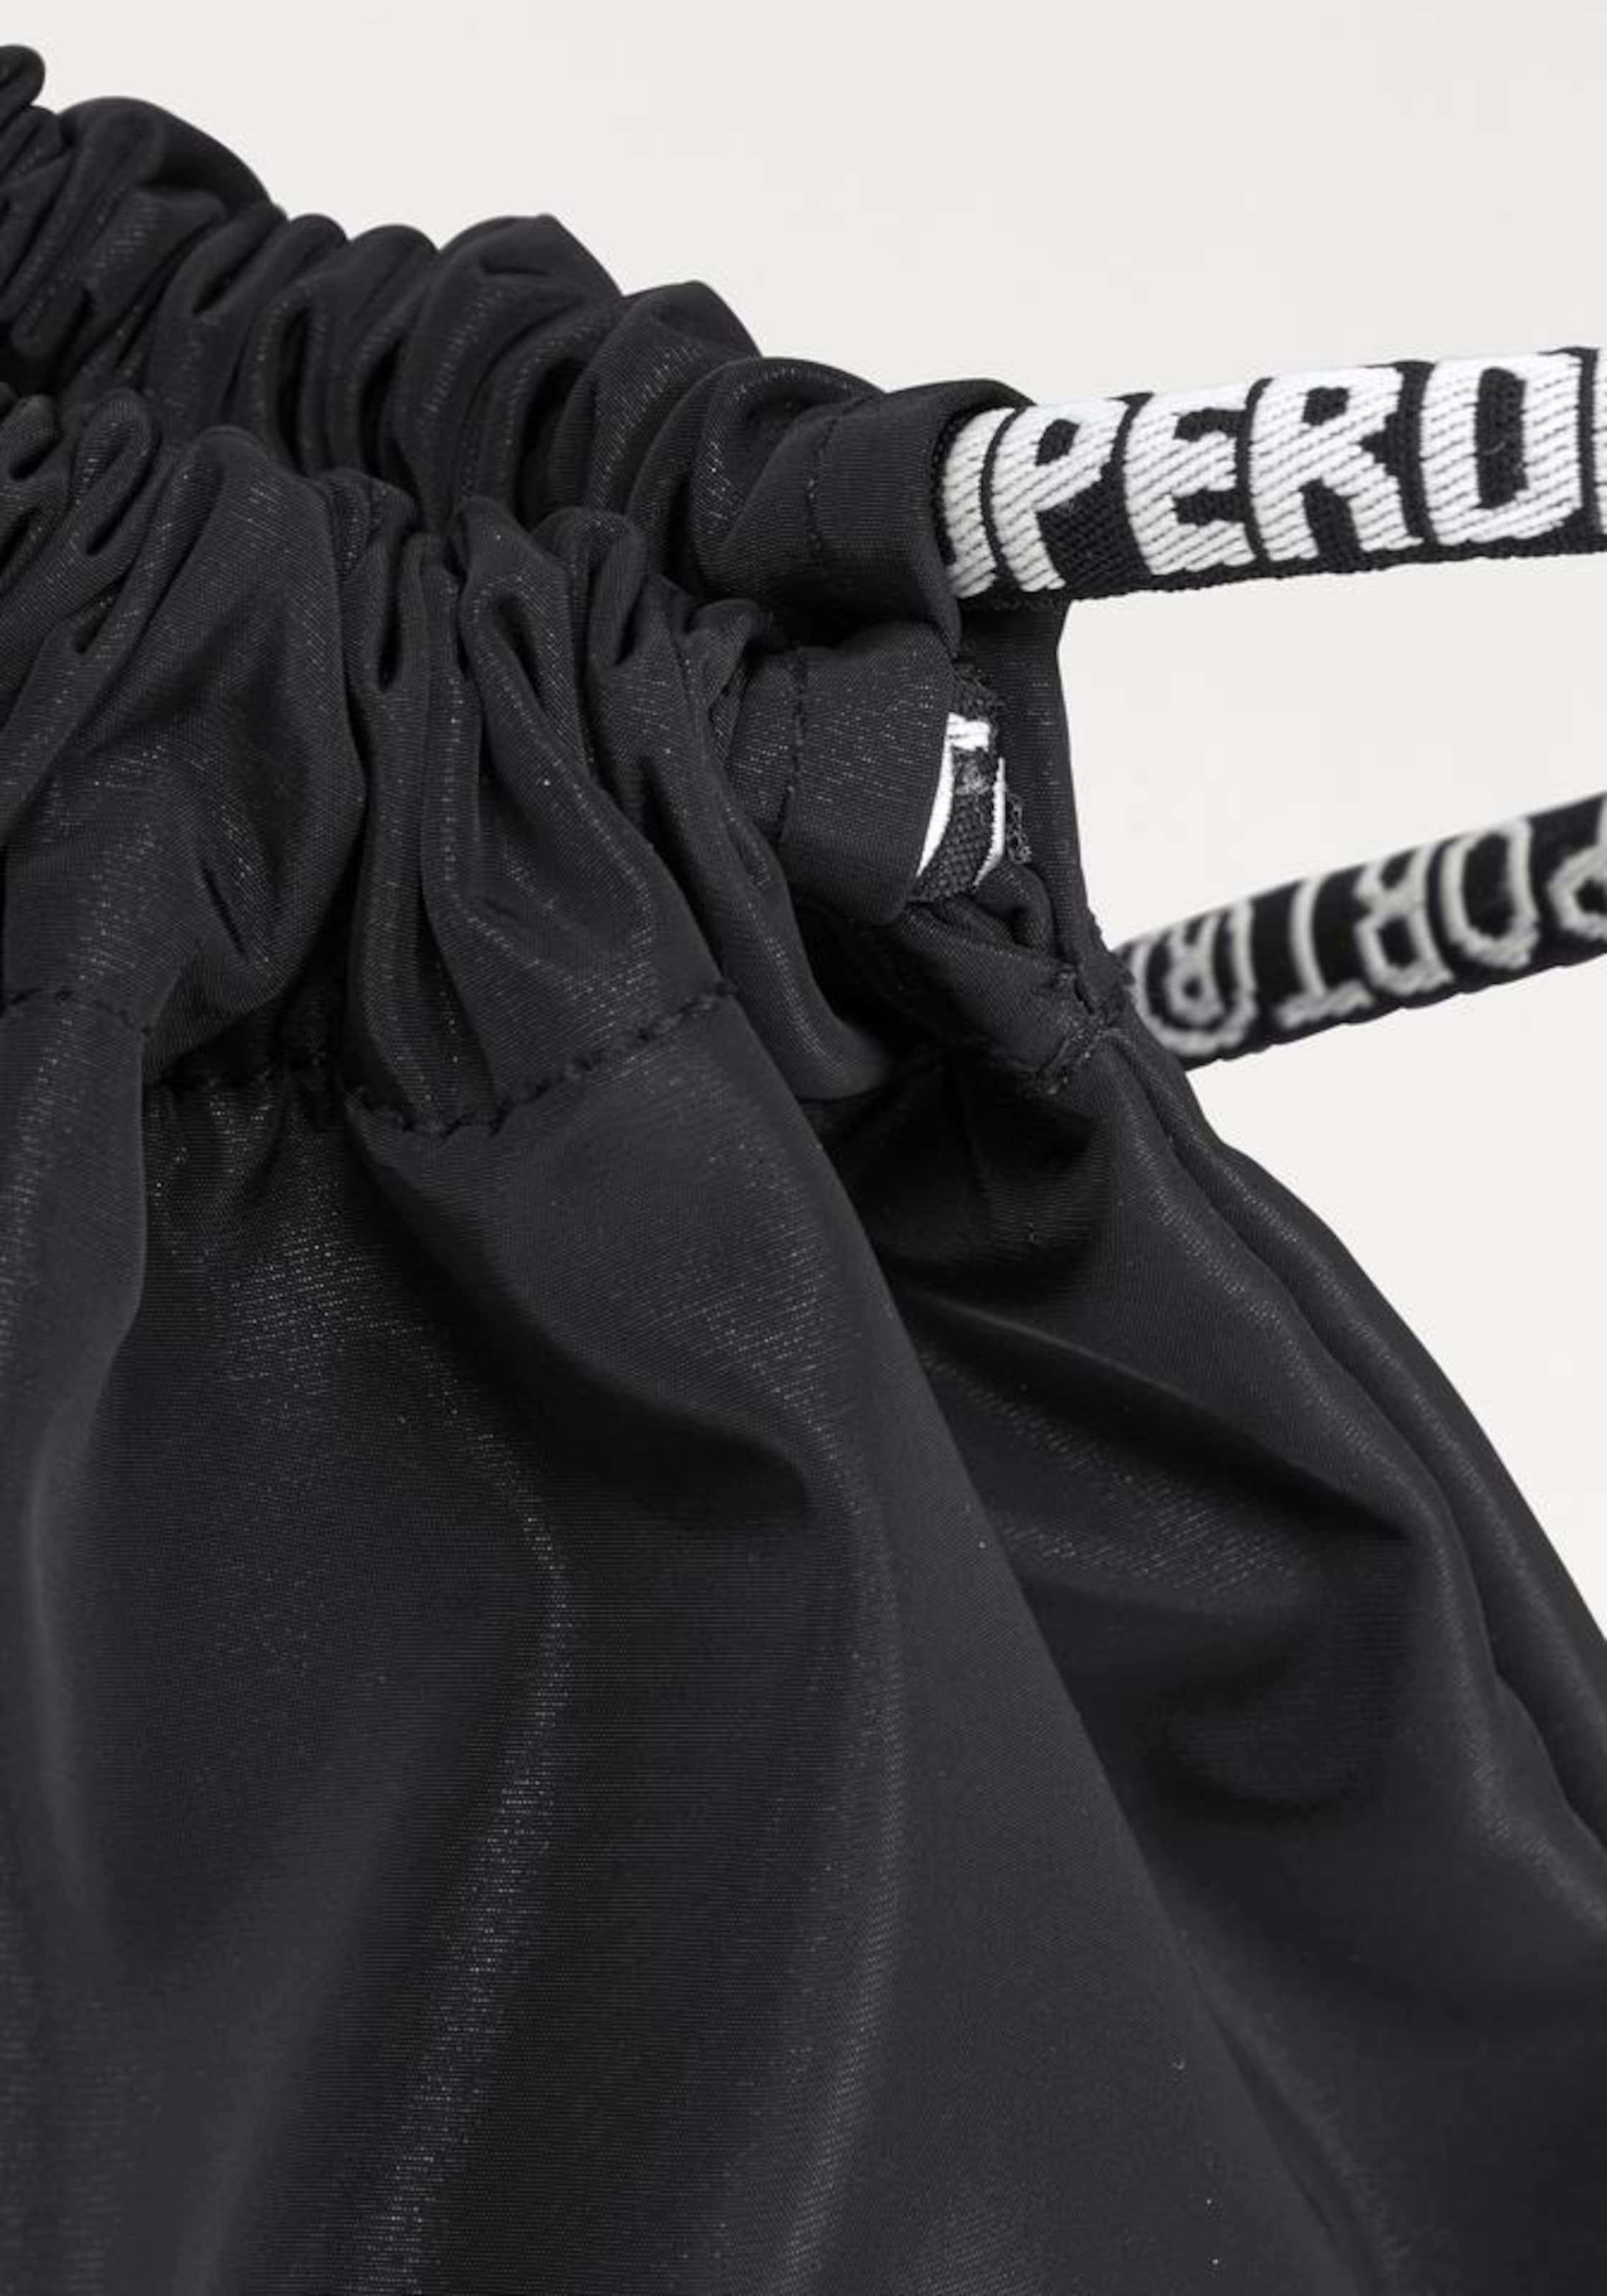 Superdry Turnbeutel 'DRAWSTRING SPORTS BAG' Billig Verkauf Rabatte Steckdose Mit Paypal Rabatt In Deutschland ptaY4